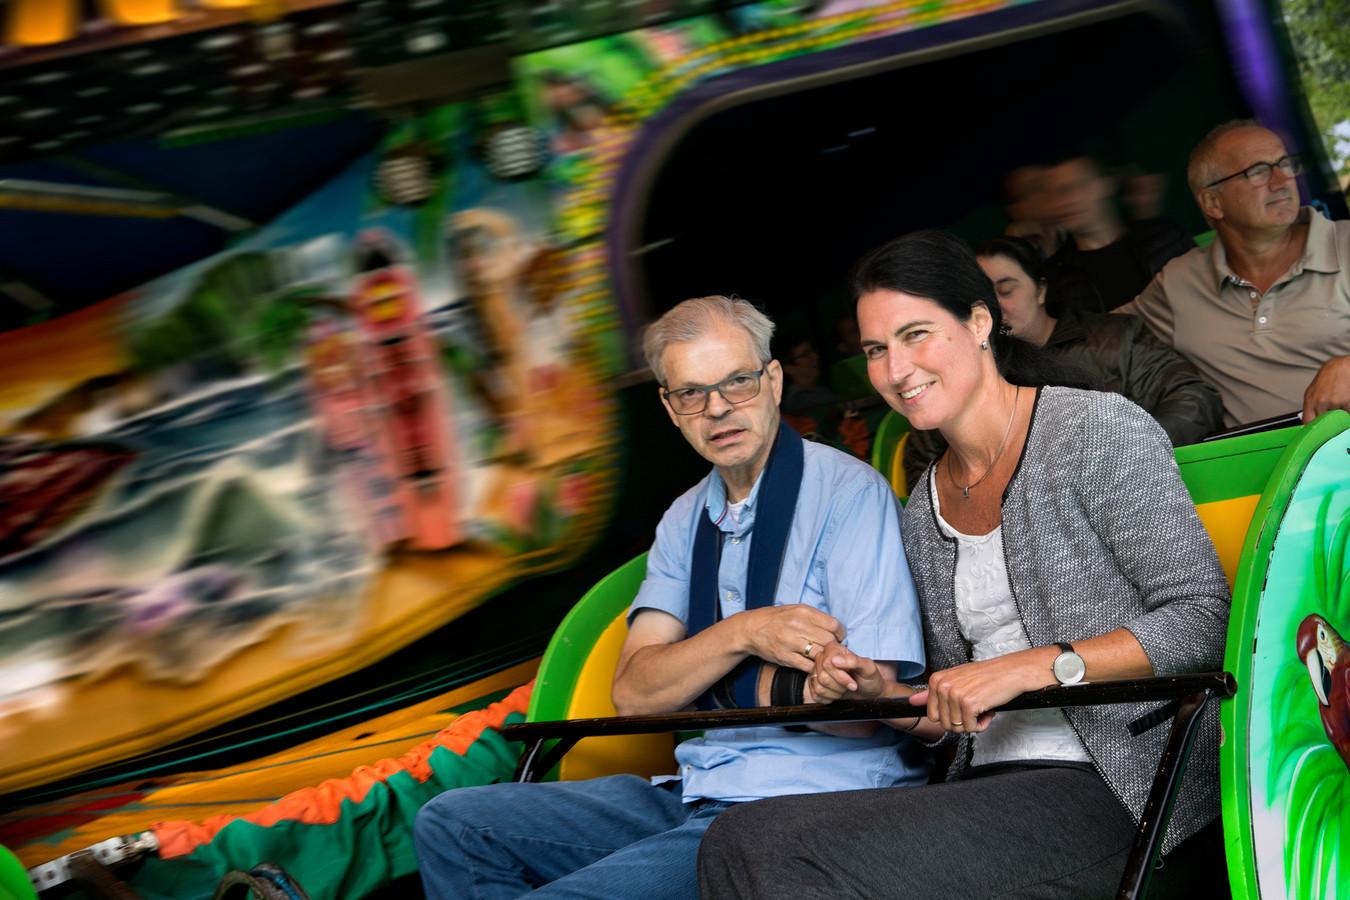 Karel Melis en directrice Ingrid de Vries op de kermis.